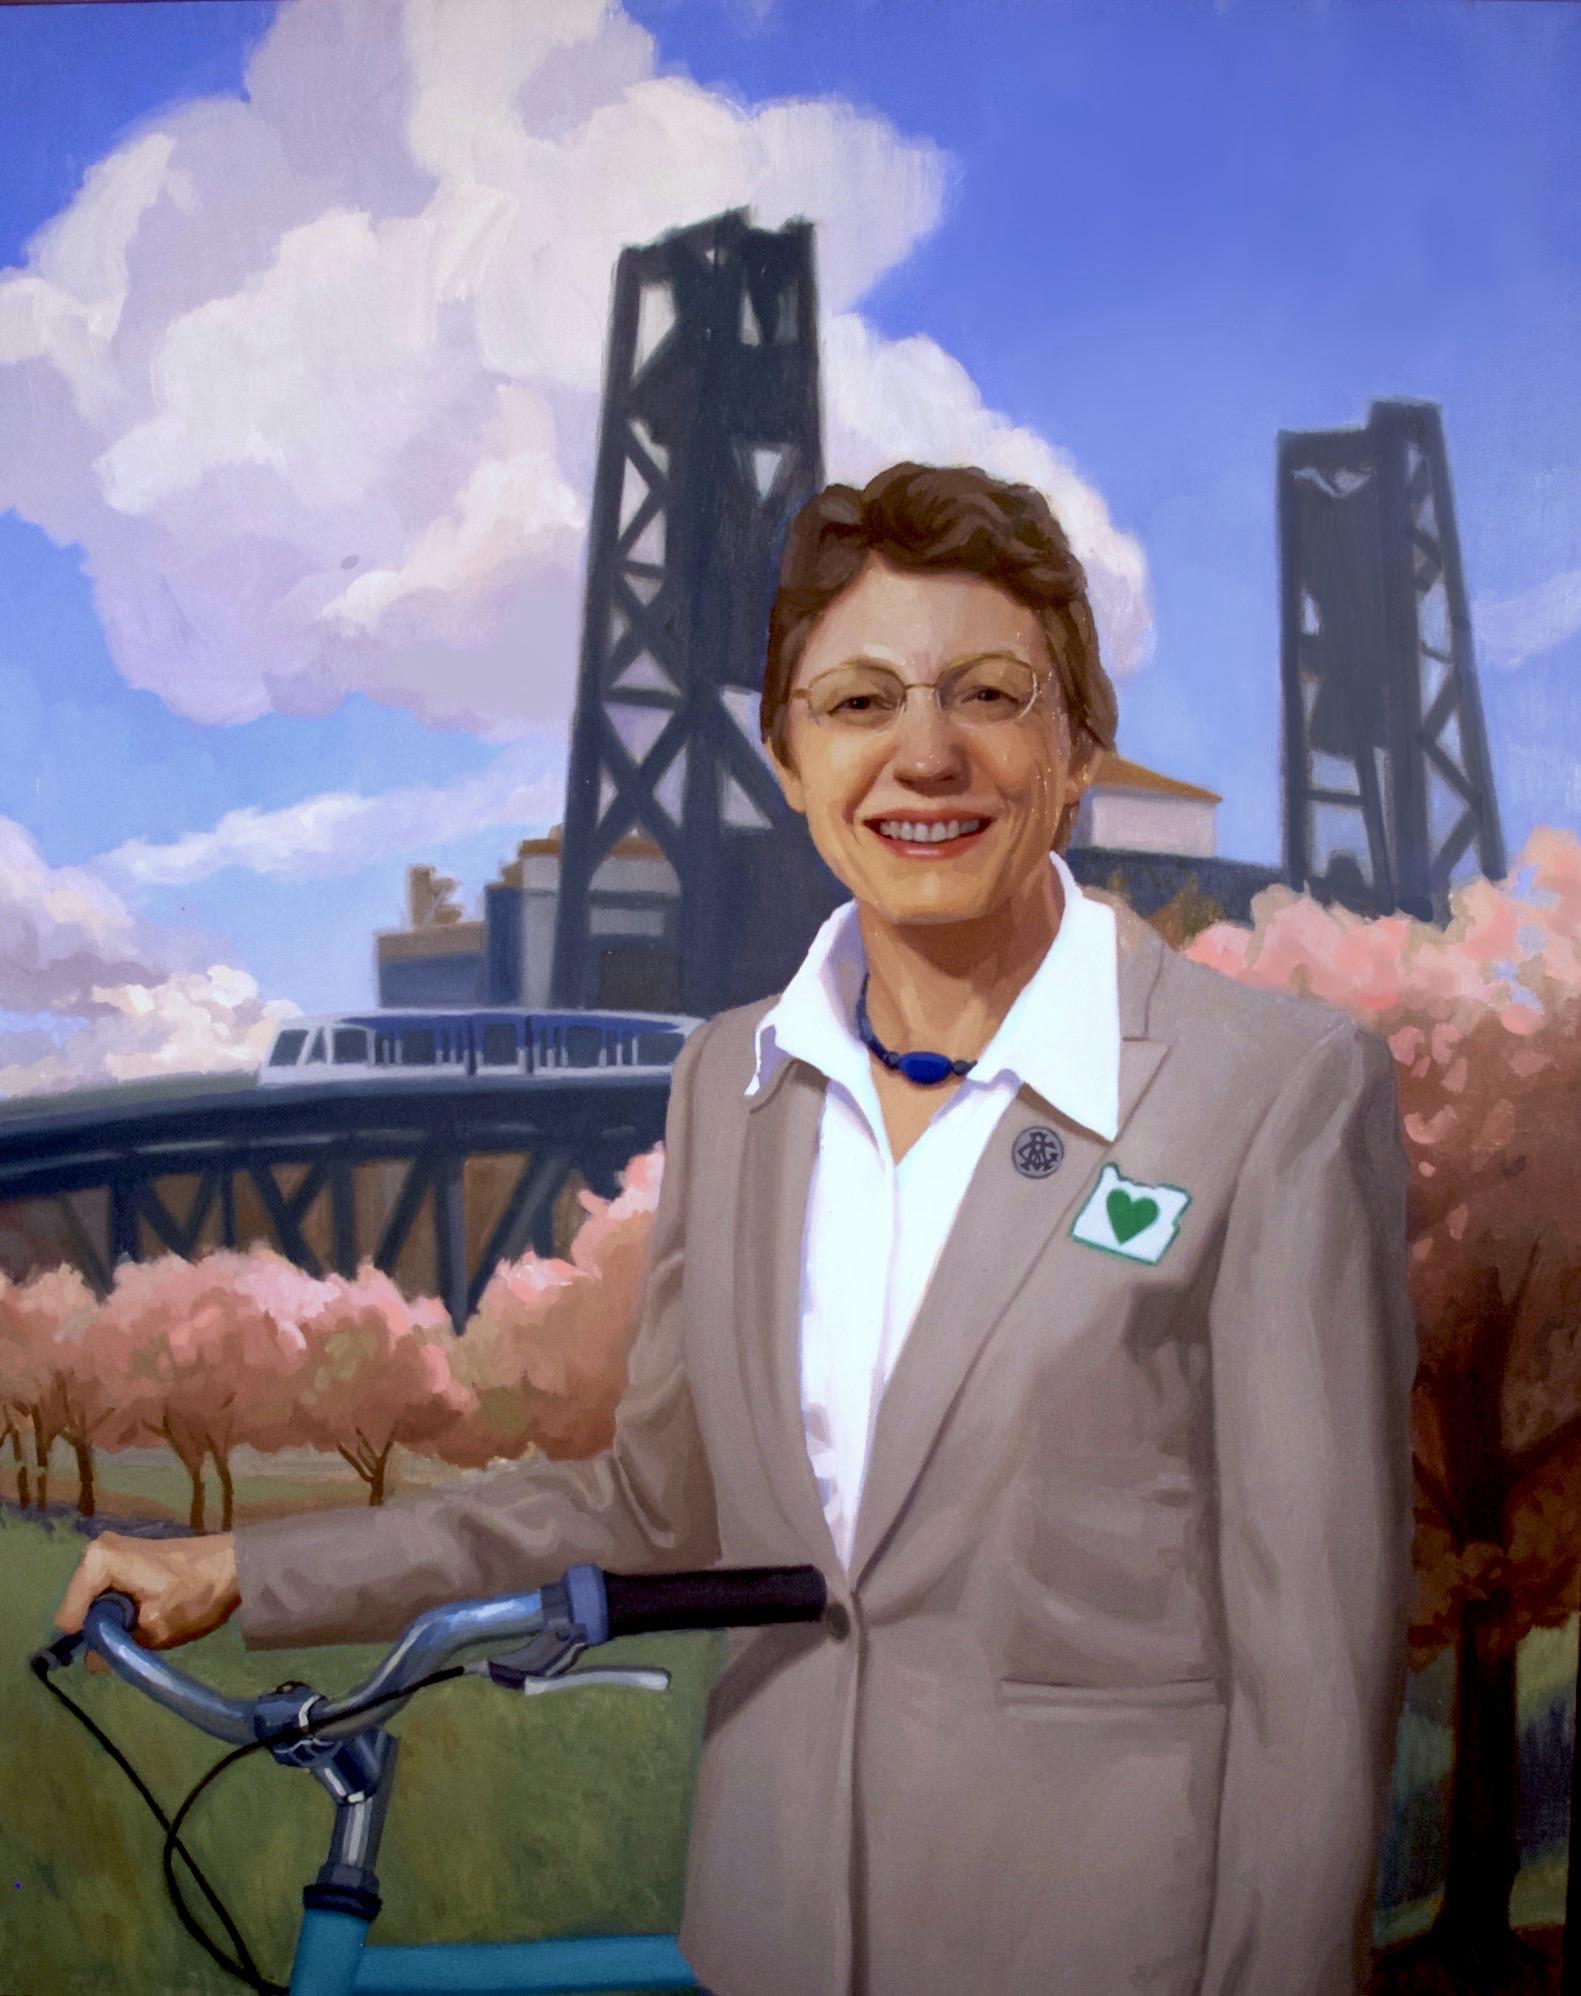 Gail Achterman, 1949 - 2012